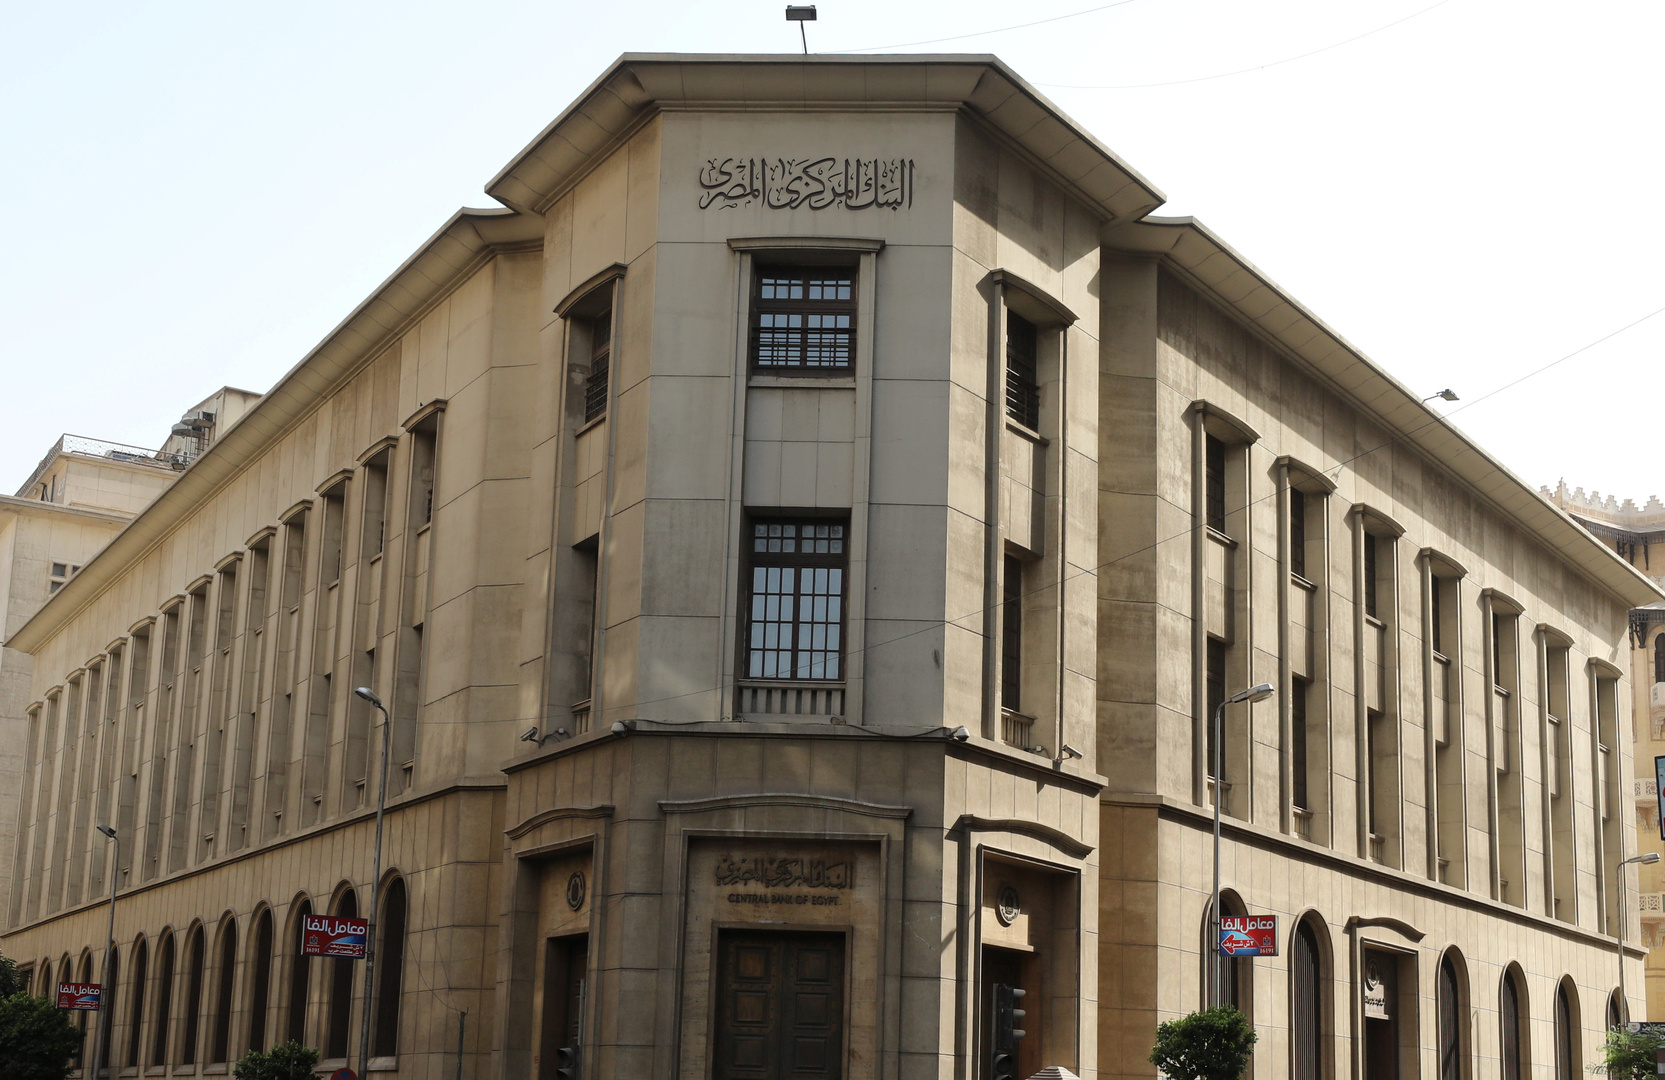 البنك المركزي المصري يرد على أنباء بيع بنك عوده اللبناني في مصر